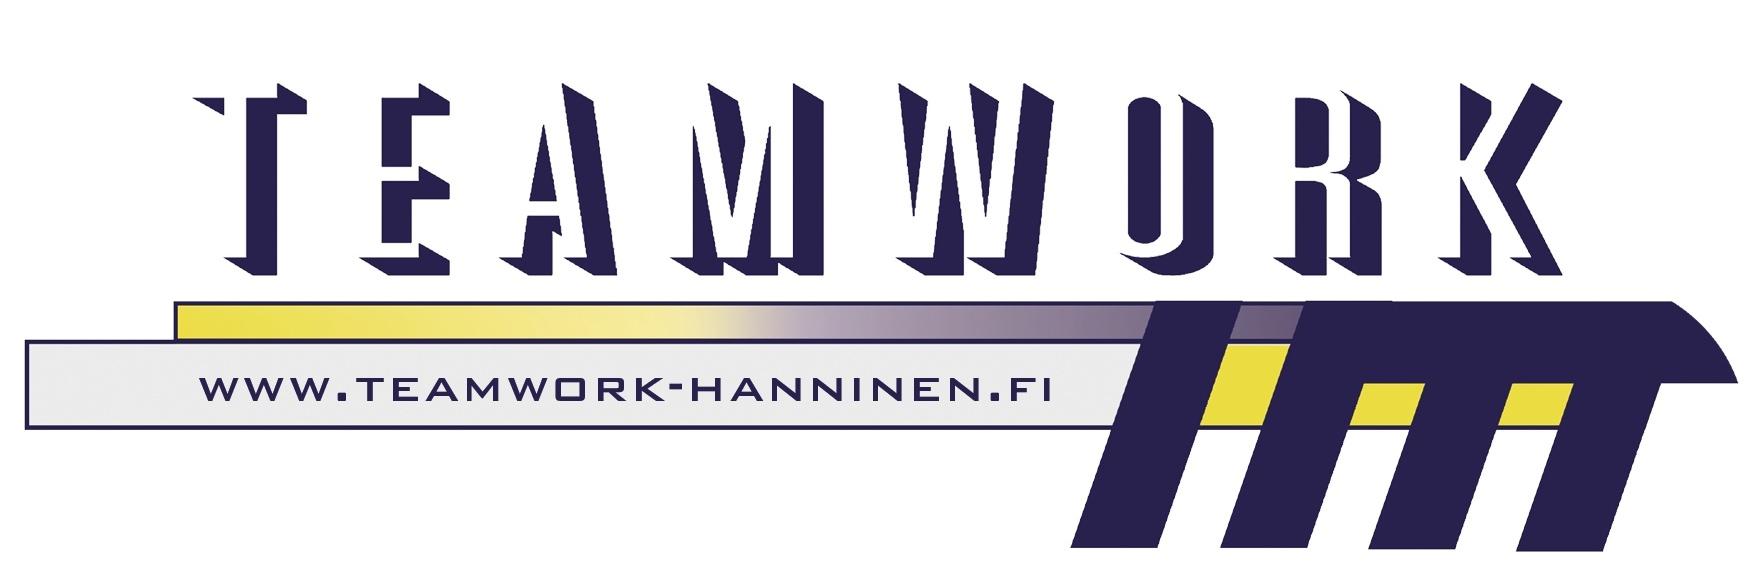 teamwork-hanninen.fi